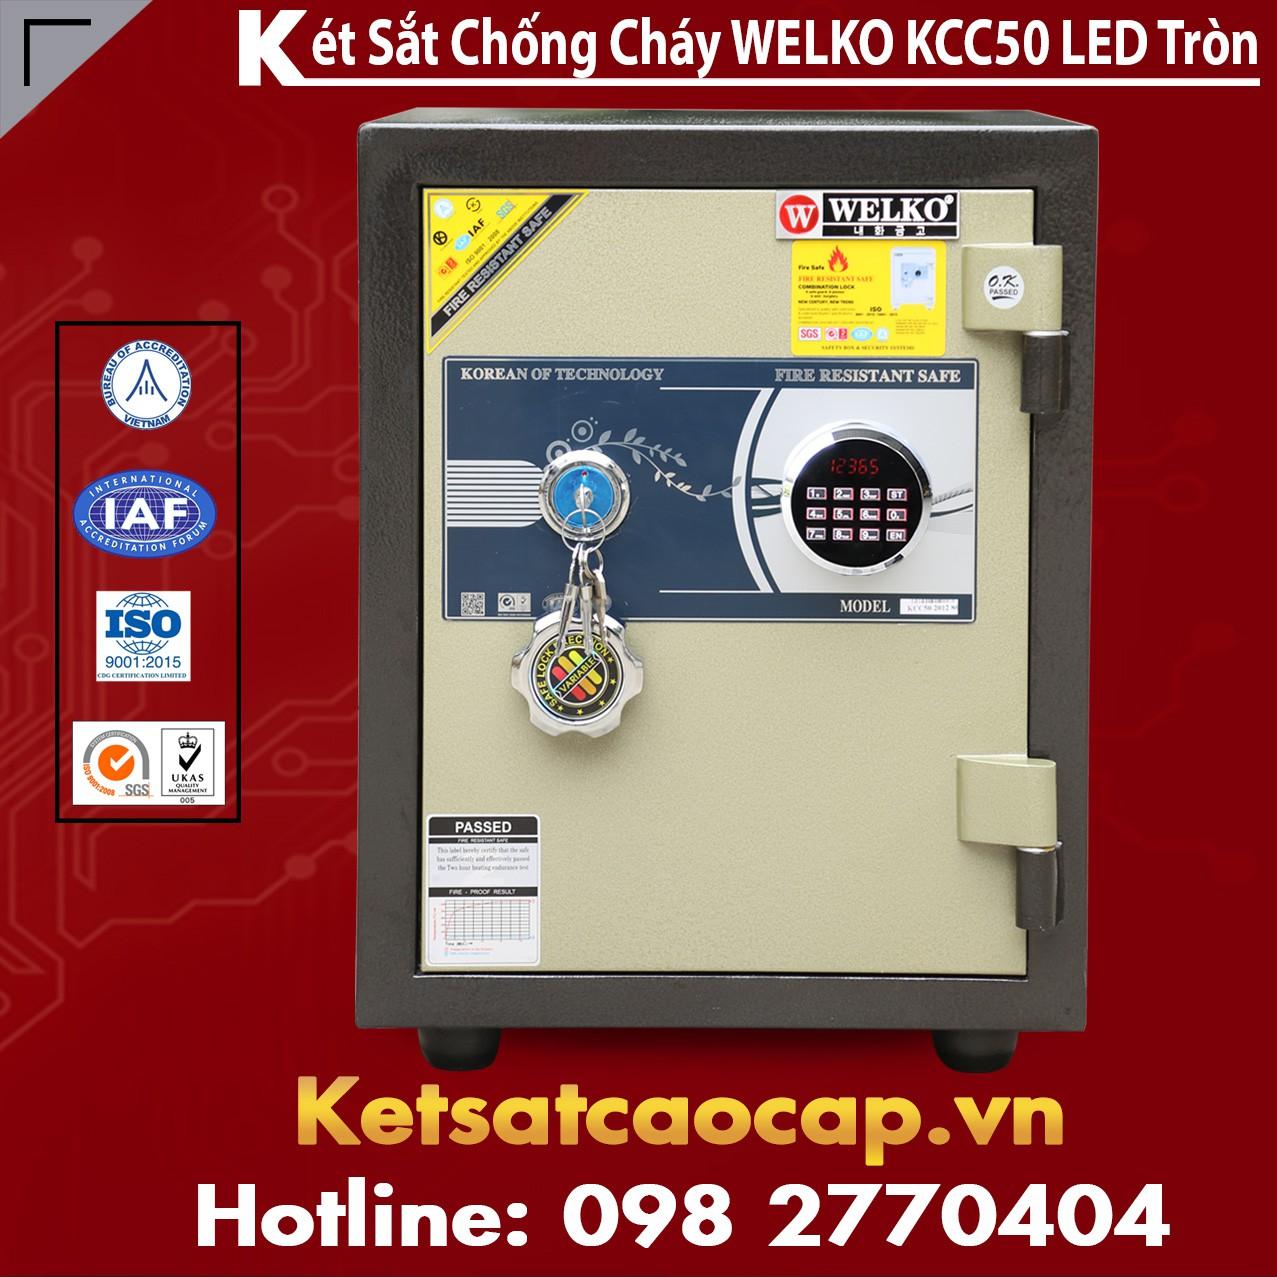 Két Sắt Chống Trộm KCC50 - Led Tròn